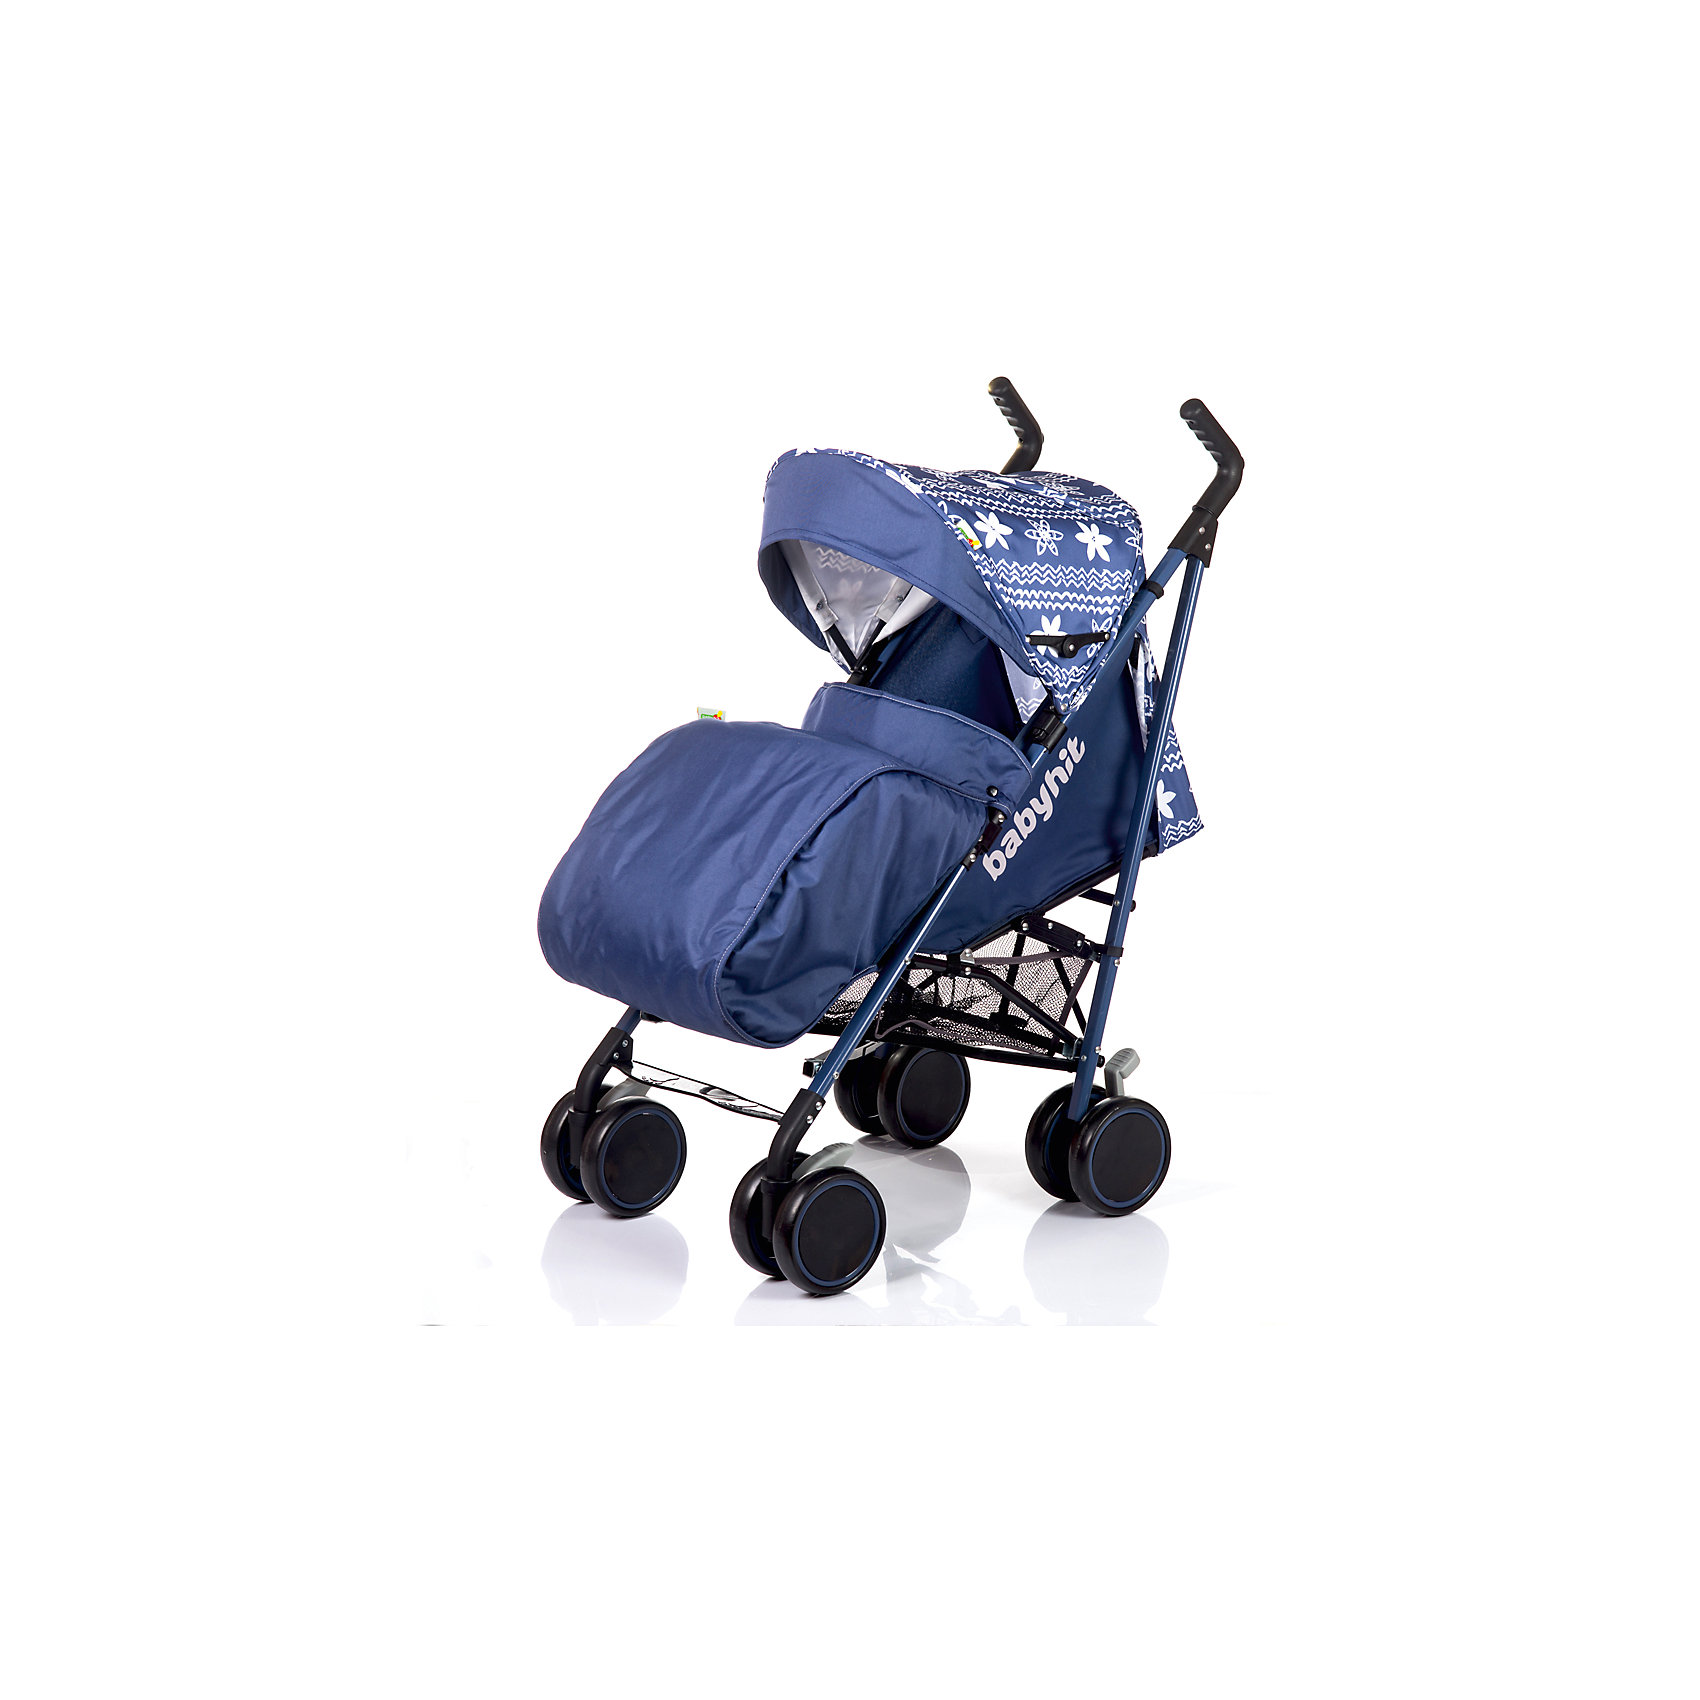 Коляска-трость LUCKY, Babyhit, синий с цветочным орнаментомНедорогие коляски<br>Характеристики коляски-трости:<br><br>• наклон спинки регулируется до горизонтального положения;<br>• подножка регулируется;<br>• система 5-ти точечных ремней безопасности;<br>• имеется защитный бампер с паховым ограничителем;<br>• капюшон-батискаф, опускается до бампера;<br>• капюшон оснащен смотровым окошком и солнцезащитным козырьком;<br>• сзади на капюшоне имеется кармашек для аксессуаров;<br>• ручки коляски отдельные, регулируются по высоте, вращаются на 360 градусов;<br>• колеса сдвоенные, оснащены плавающим механизмом с блокировкой и ножным тормозом;<br>• допустимая нагрузка на корзину для покупок: 3 кг;<br>• тип складывания: трость.<br><br>Вес коляски: 7,5 кг<br>Диаметр колес: 16,5 см<br>Вес в упаковке: 8,5 кг<br><br>Дополнительные аксессуары, входящие в комплект:<br><br>• чехол на ножки;<br>• дождевик;<br>• москитная сетка.<br><br>Коляску-трость LUCKY, Babyhit, синюю с цветочным орнаментом можно купить в нашем интернет-магазине.<br><br>Ширина мм: 340<br>Глубина мм: 300<br>Высота мм: 100<br>Вес г: 8500<br>Возраст от месяцев: 7<br>Возраст до месяцев: 36<br>Пол: Унисекс<br>Возраст: Детский<br>SKU: 5500299